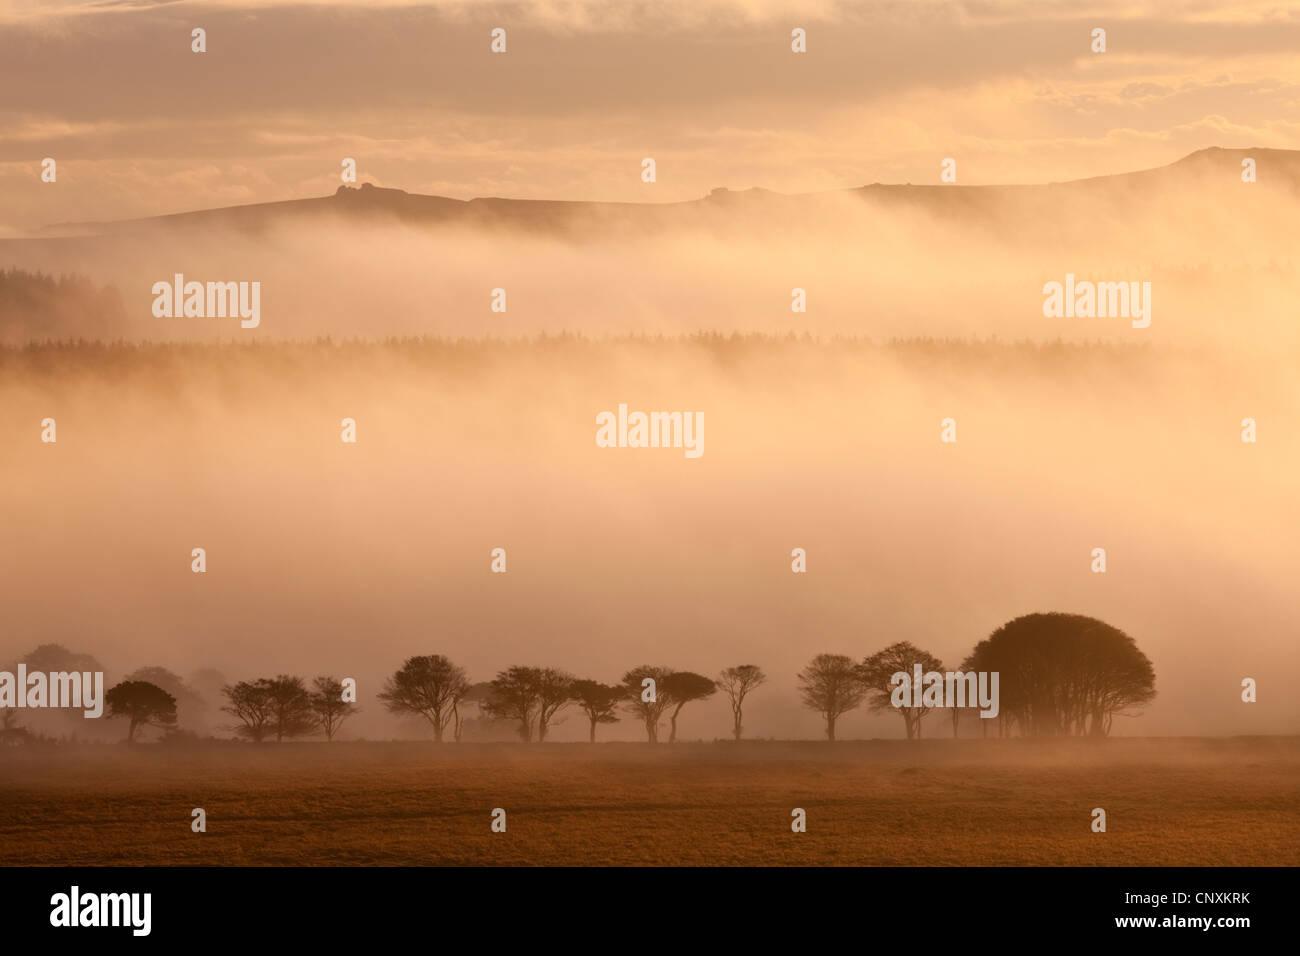 Páramos cubiertos de neblina al amanecer, cerca Powdermills, Dartmoor, Devon, Inglaterra. Otoño (octubre de 2011). Foto de stock